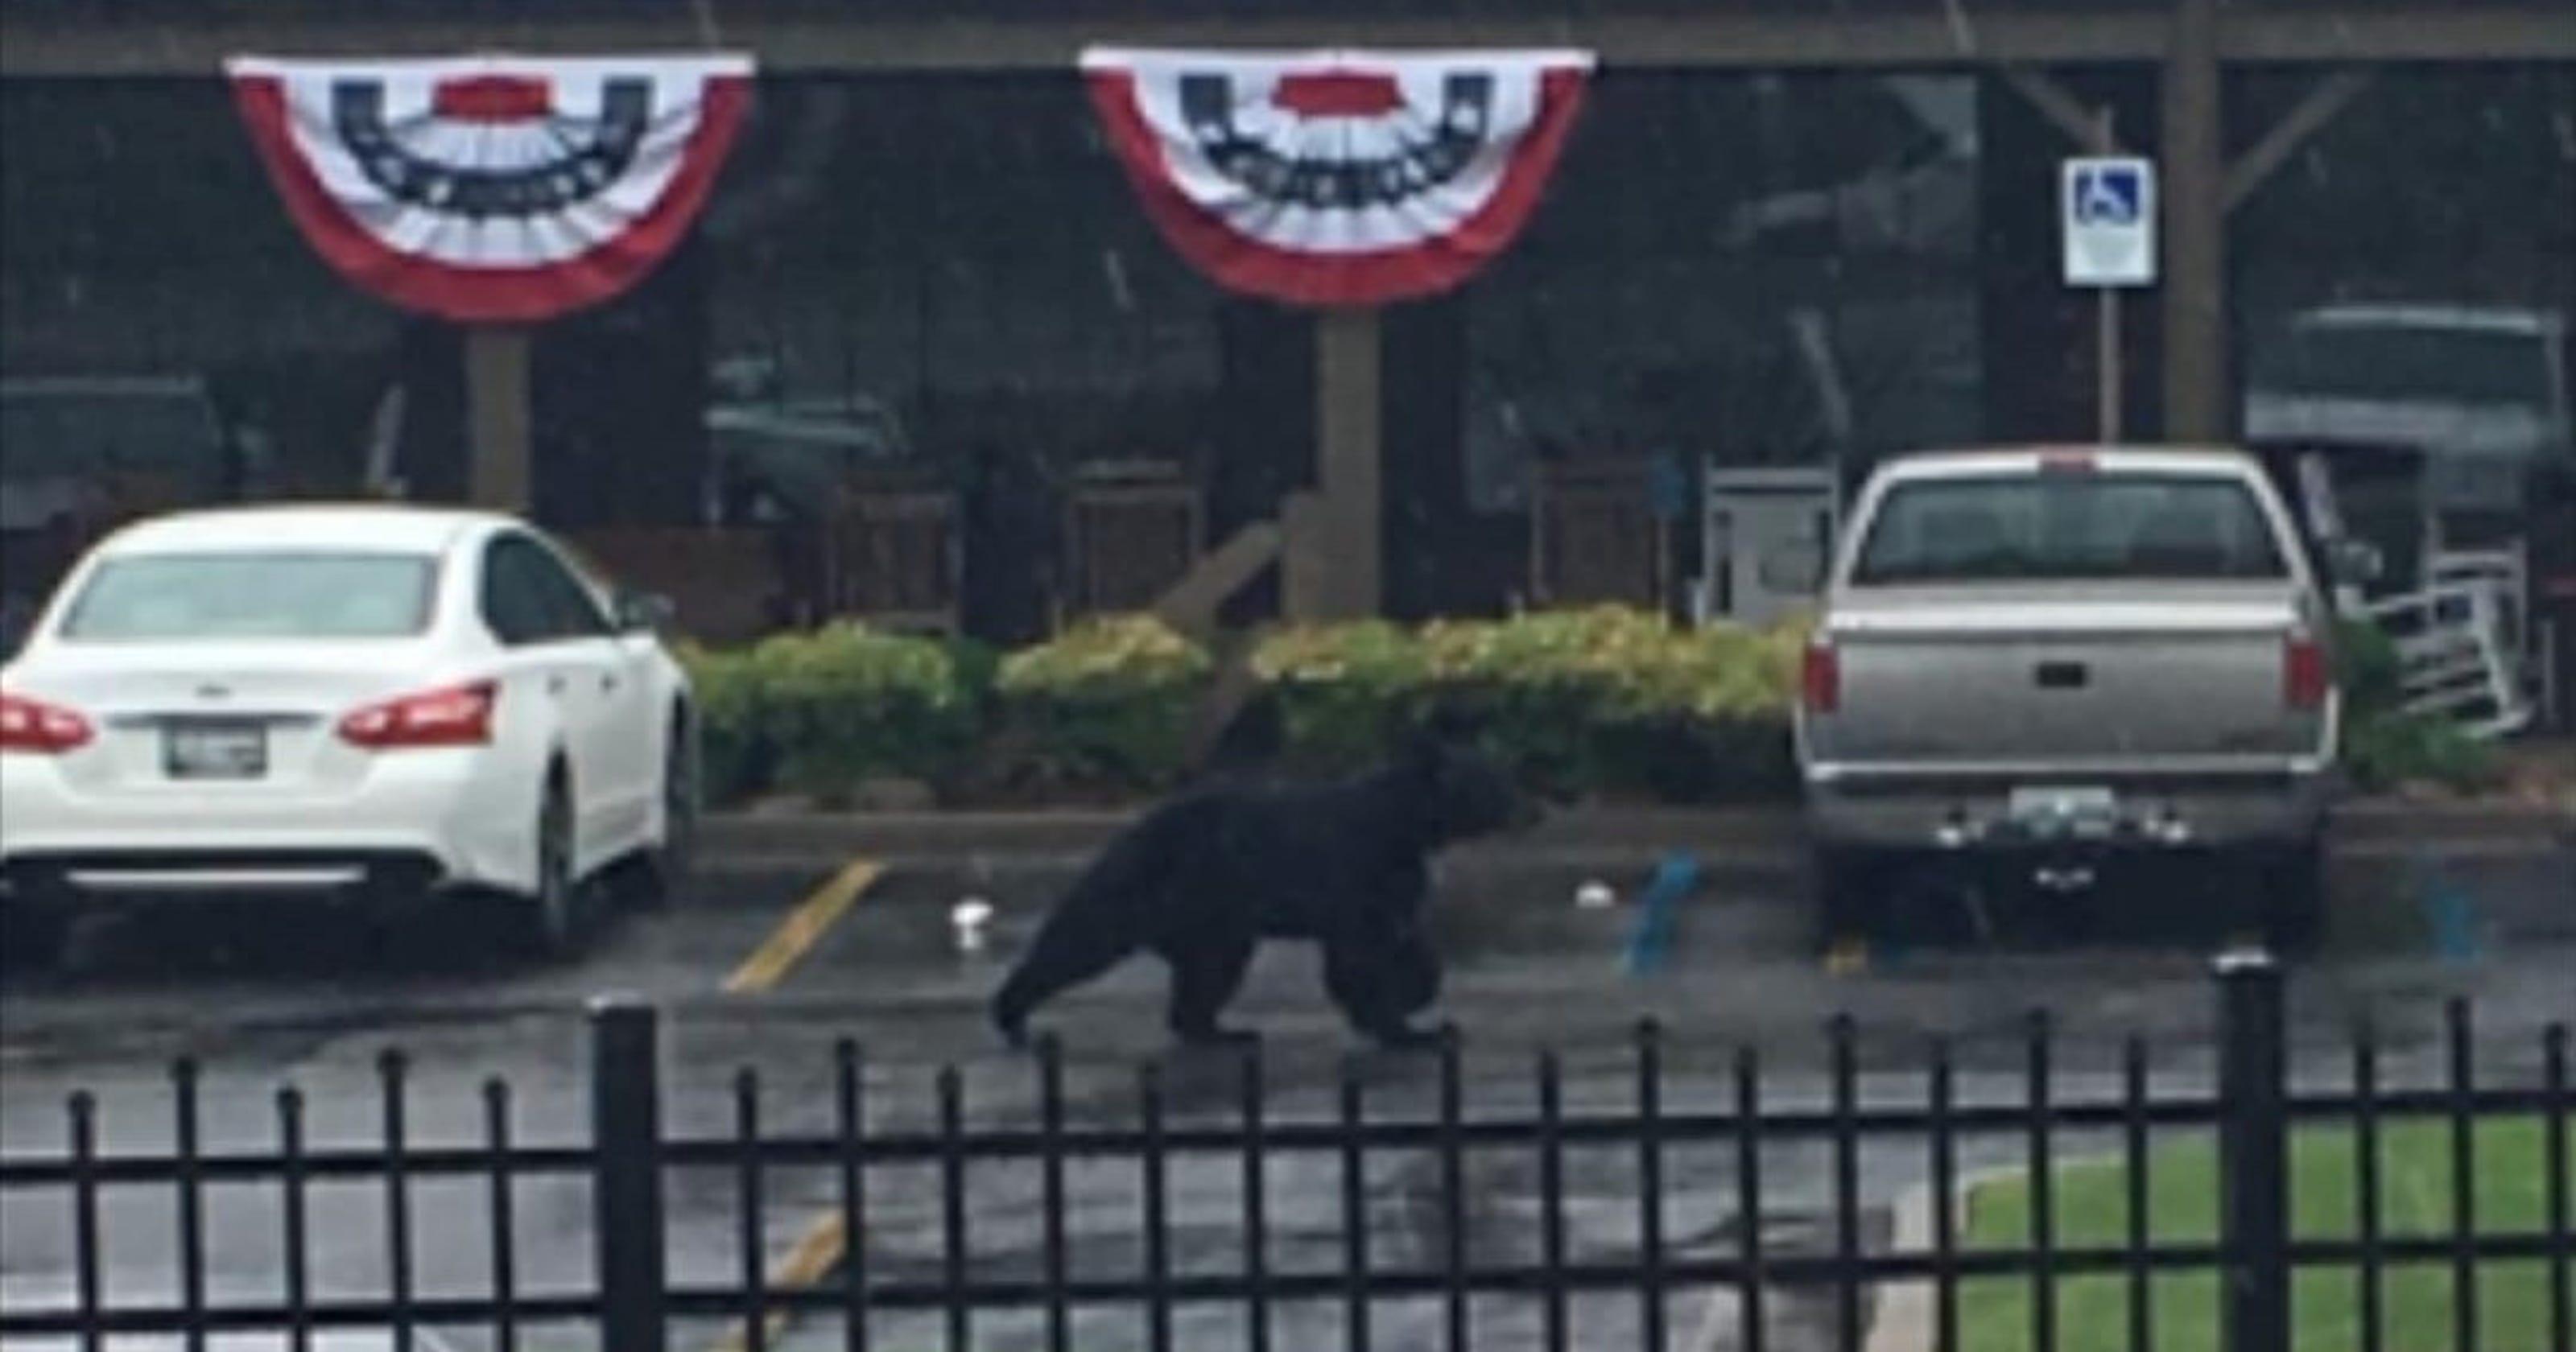 Bear visits Cracker Barrel near Knoxville Center Mall